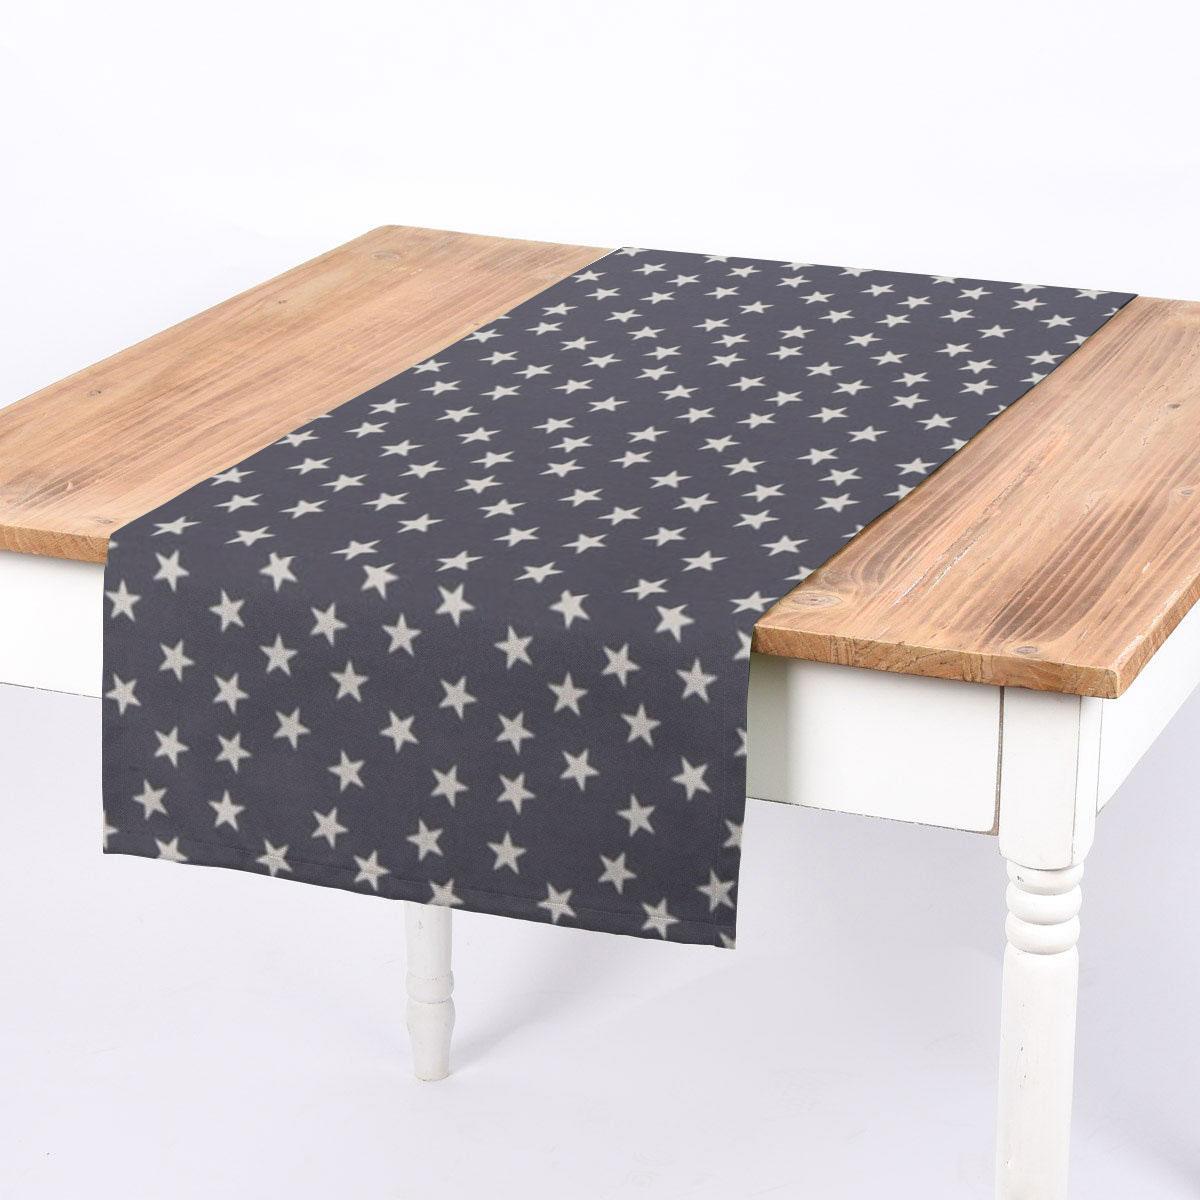 SCHÖNER LEBEN. Tischläufer Little Star Twilight Sterne blau weiß 40x160cm